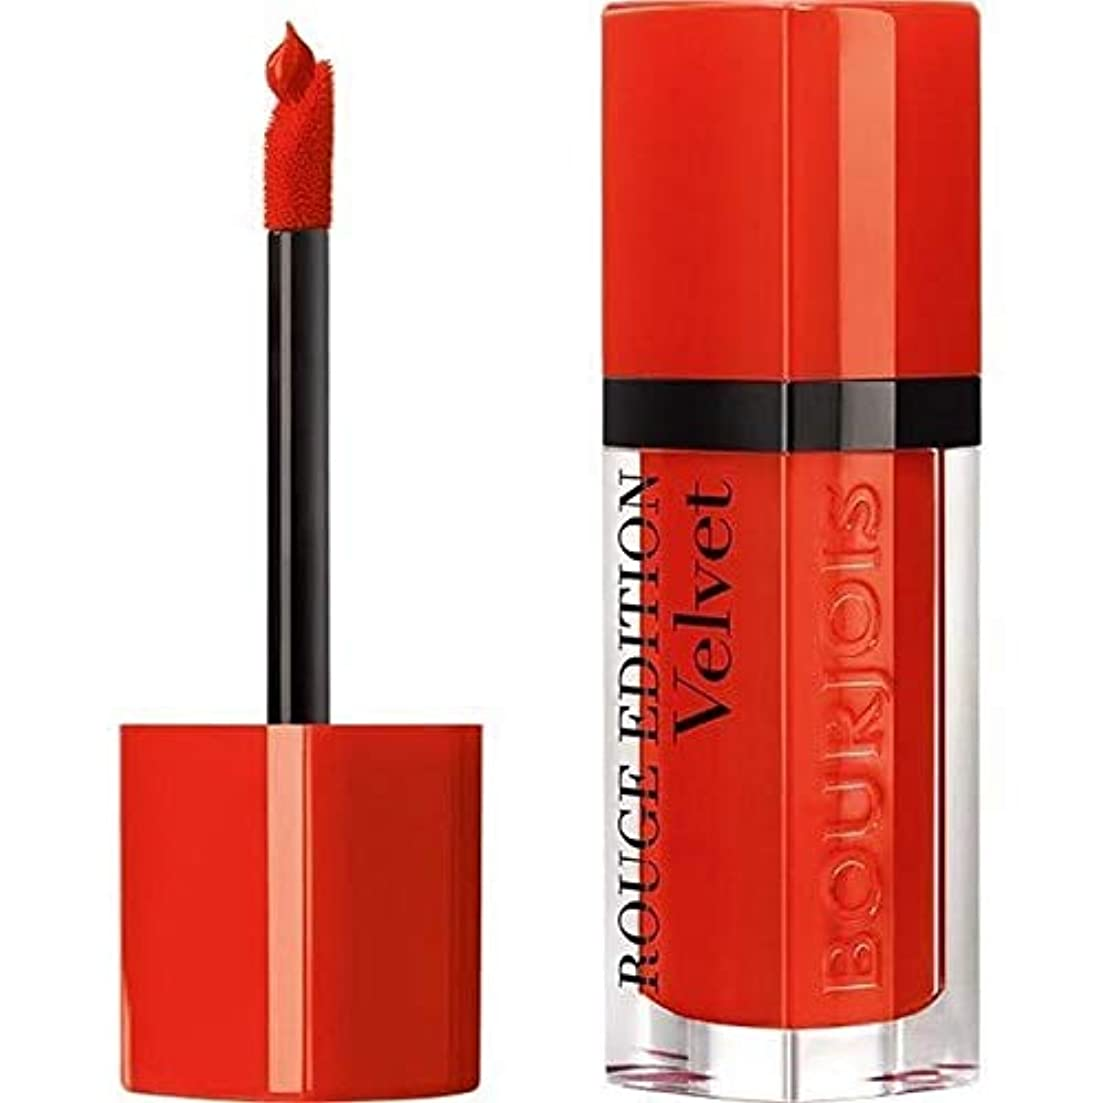 ドナーラップタンザニア[Bourjois ] ブルジョワルージュ版のベルベットの口紅ケシの日20 - Bourjois Rouge Edition Velvet Lipstick Poppy Days 20 [並行輸入品]